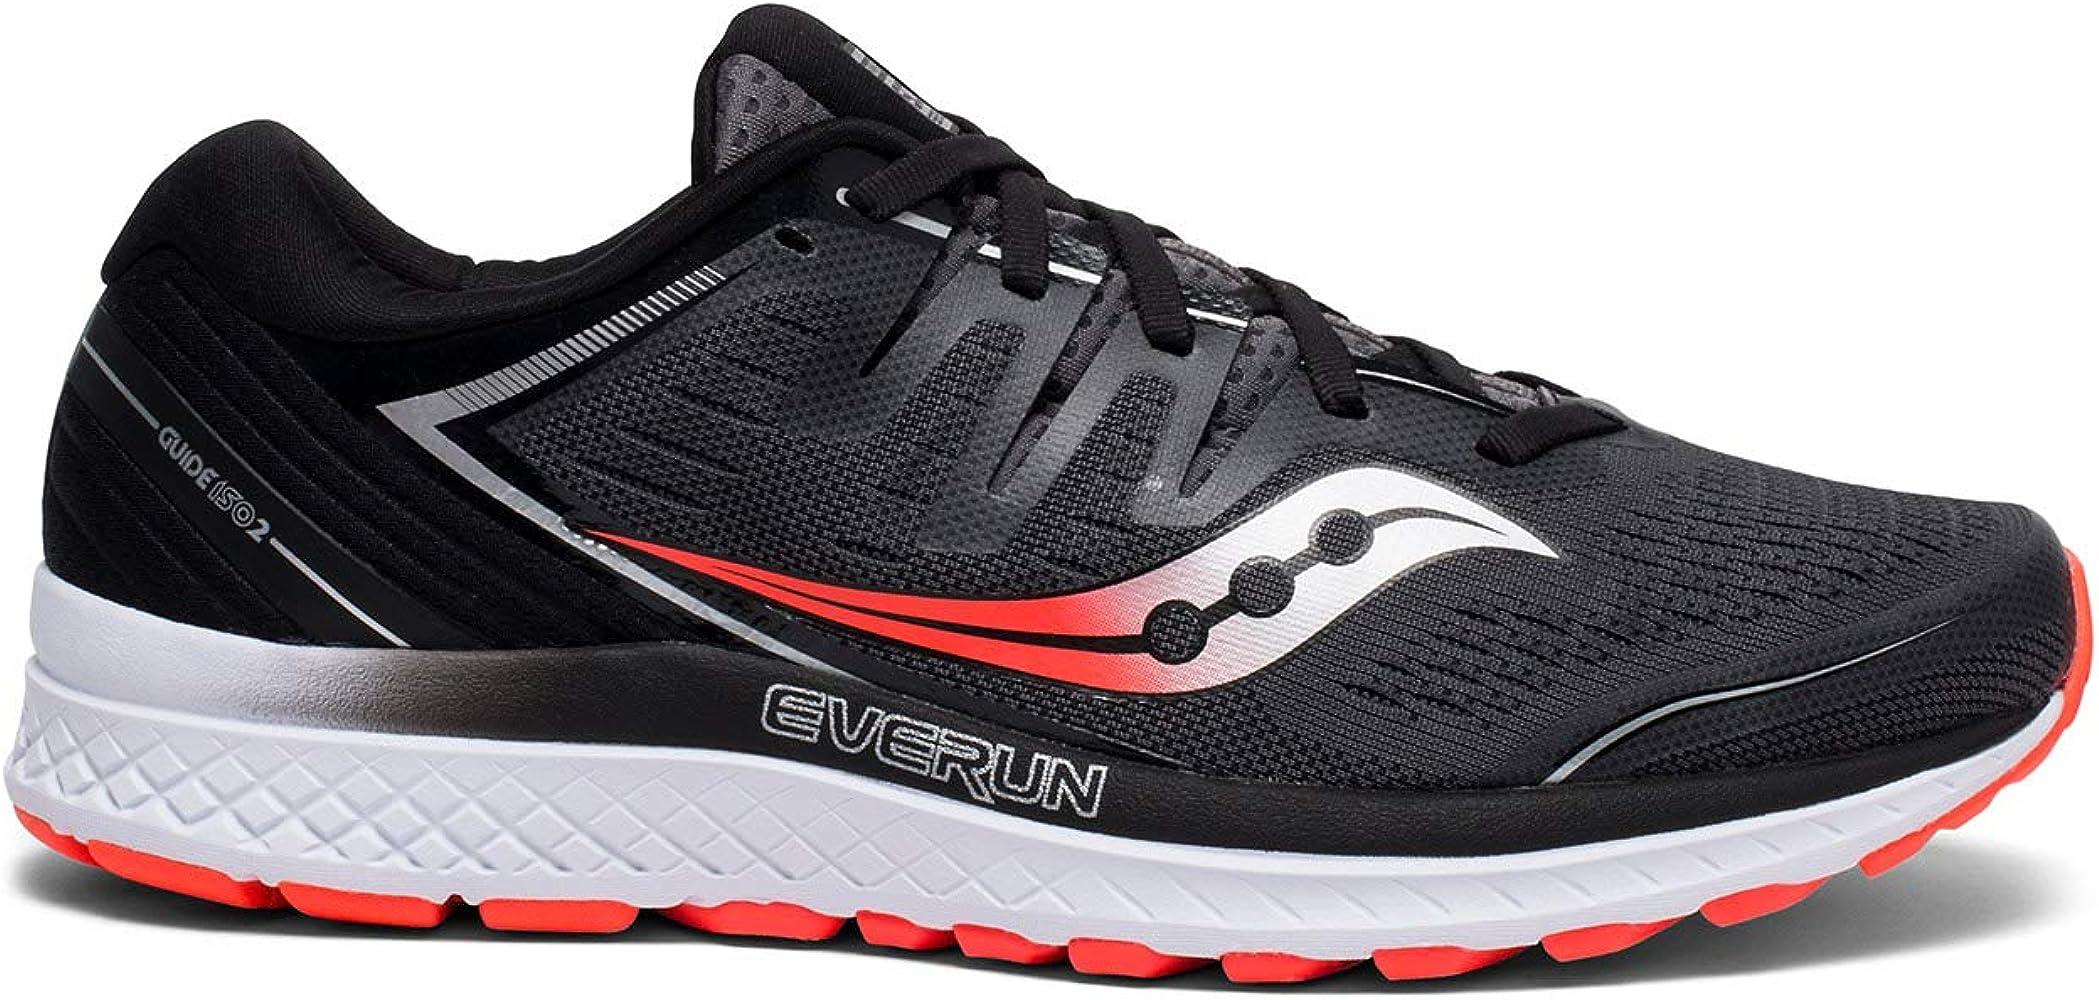 Saucony Men's Guide ISO 2 Running Shoe